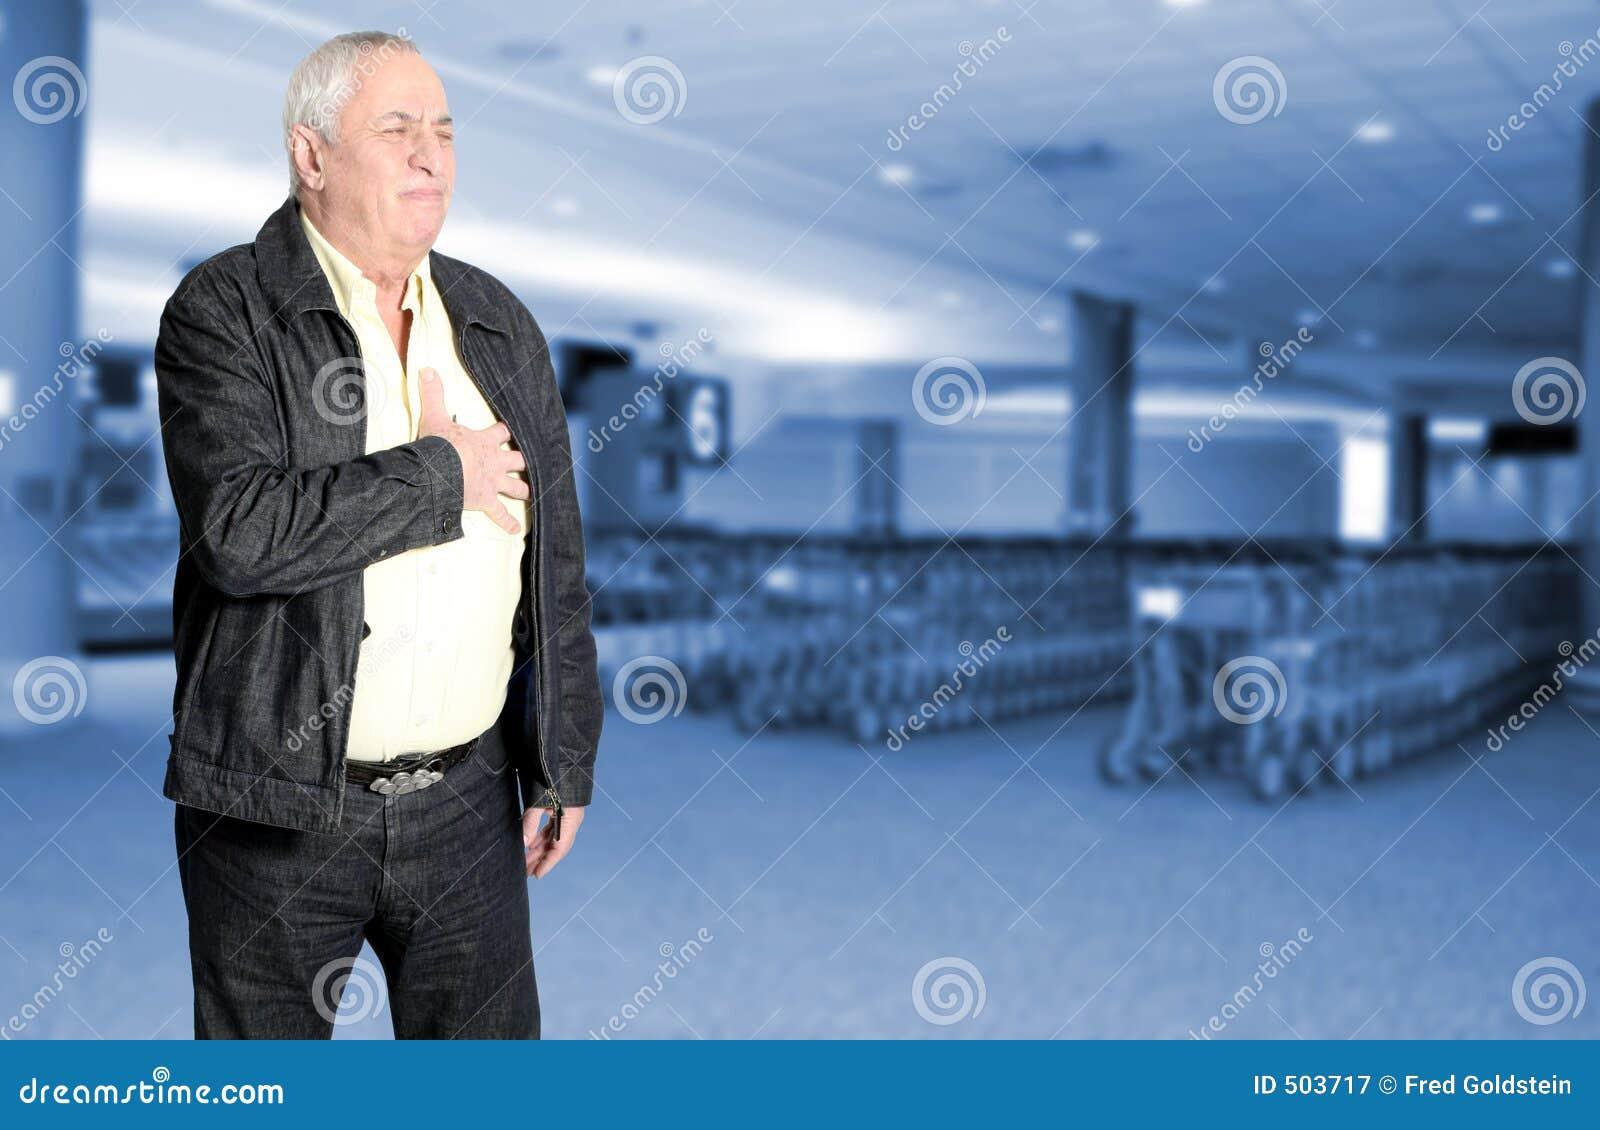 Bröstkorgen smärtar pensionären